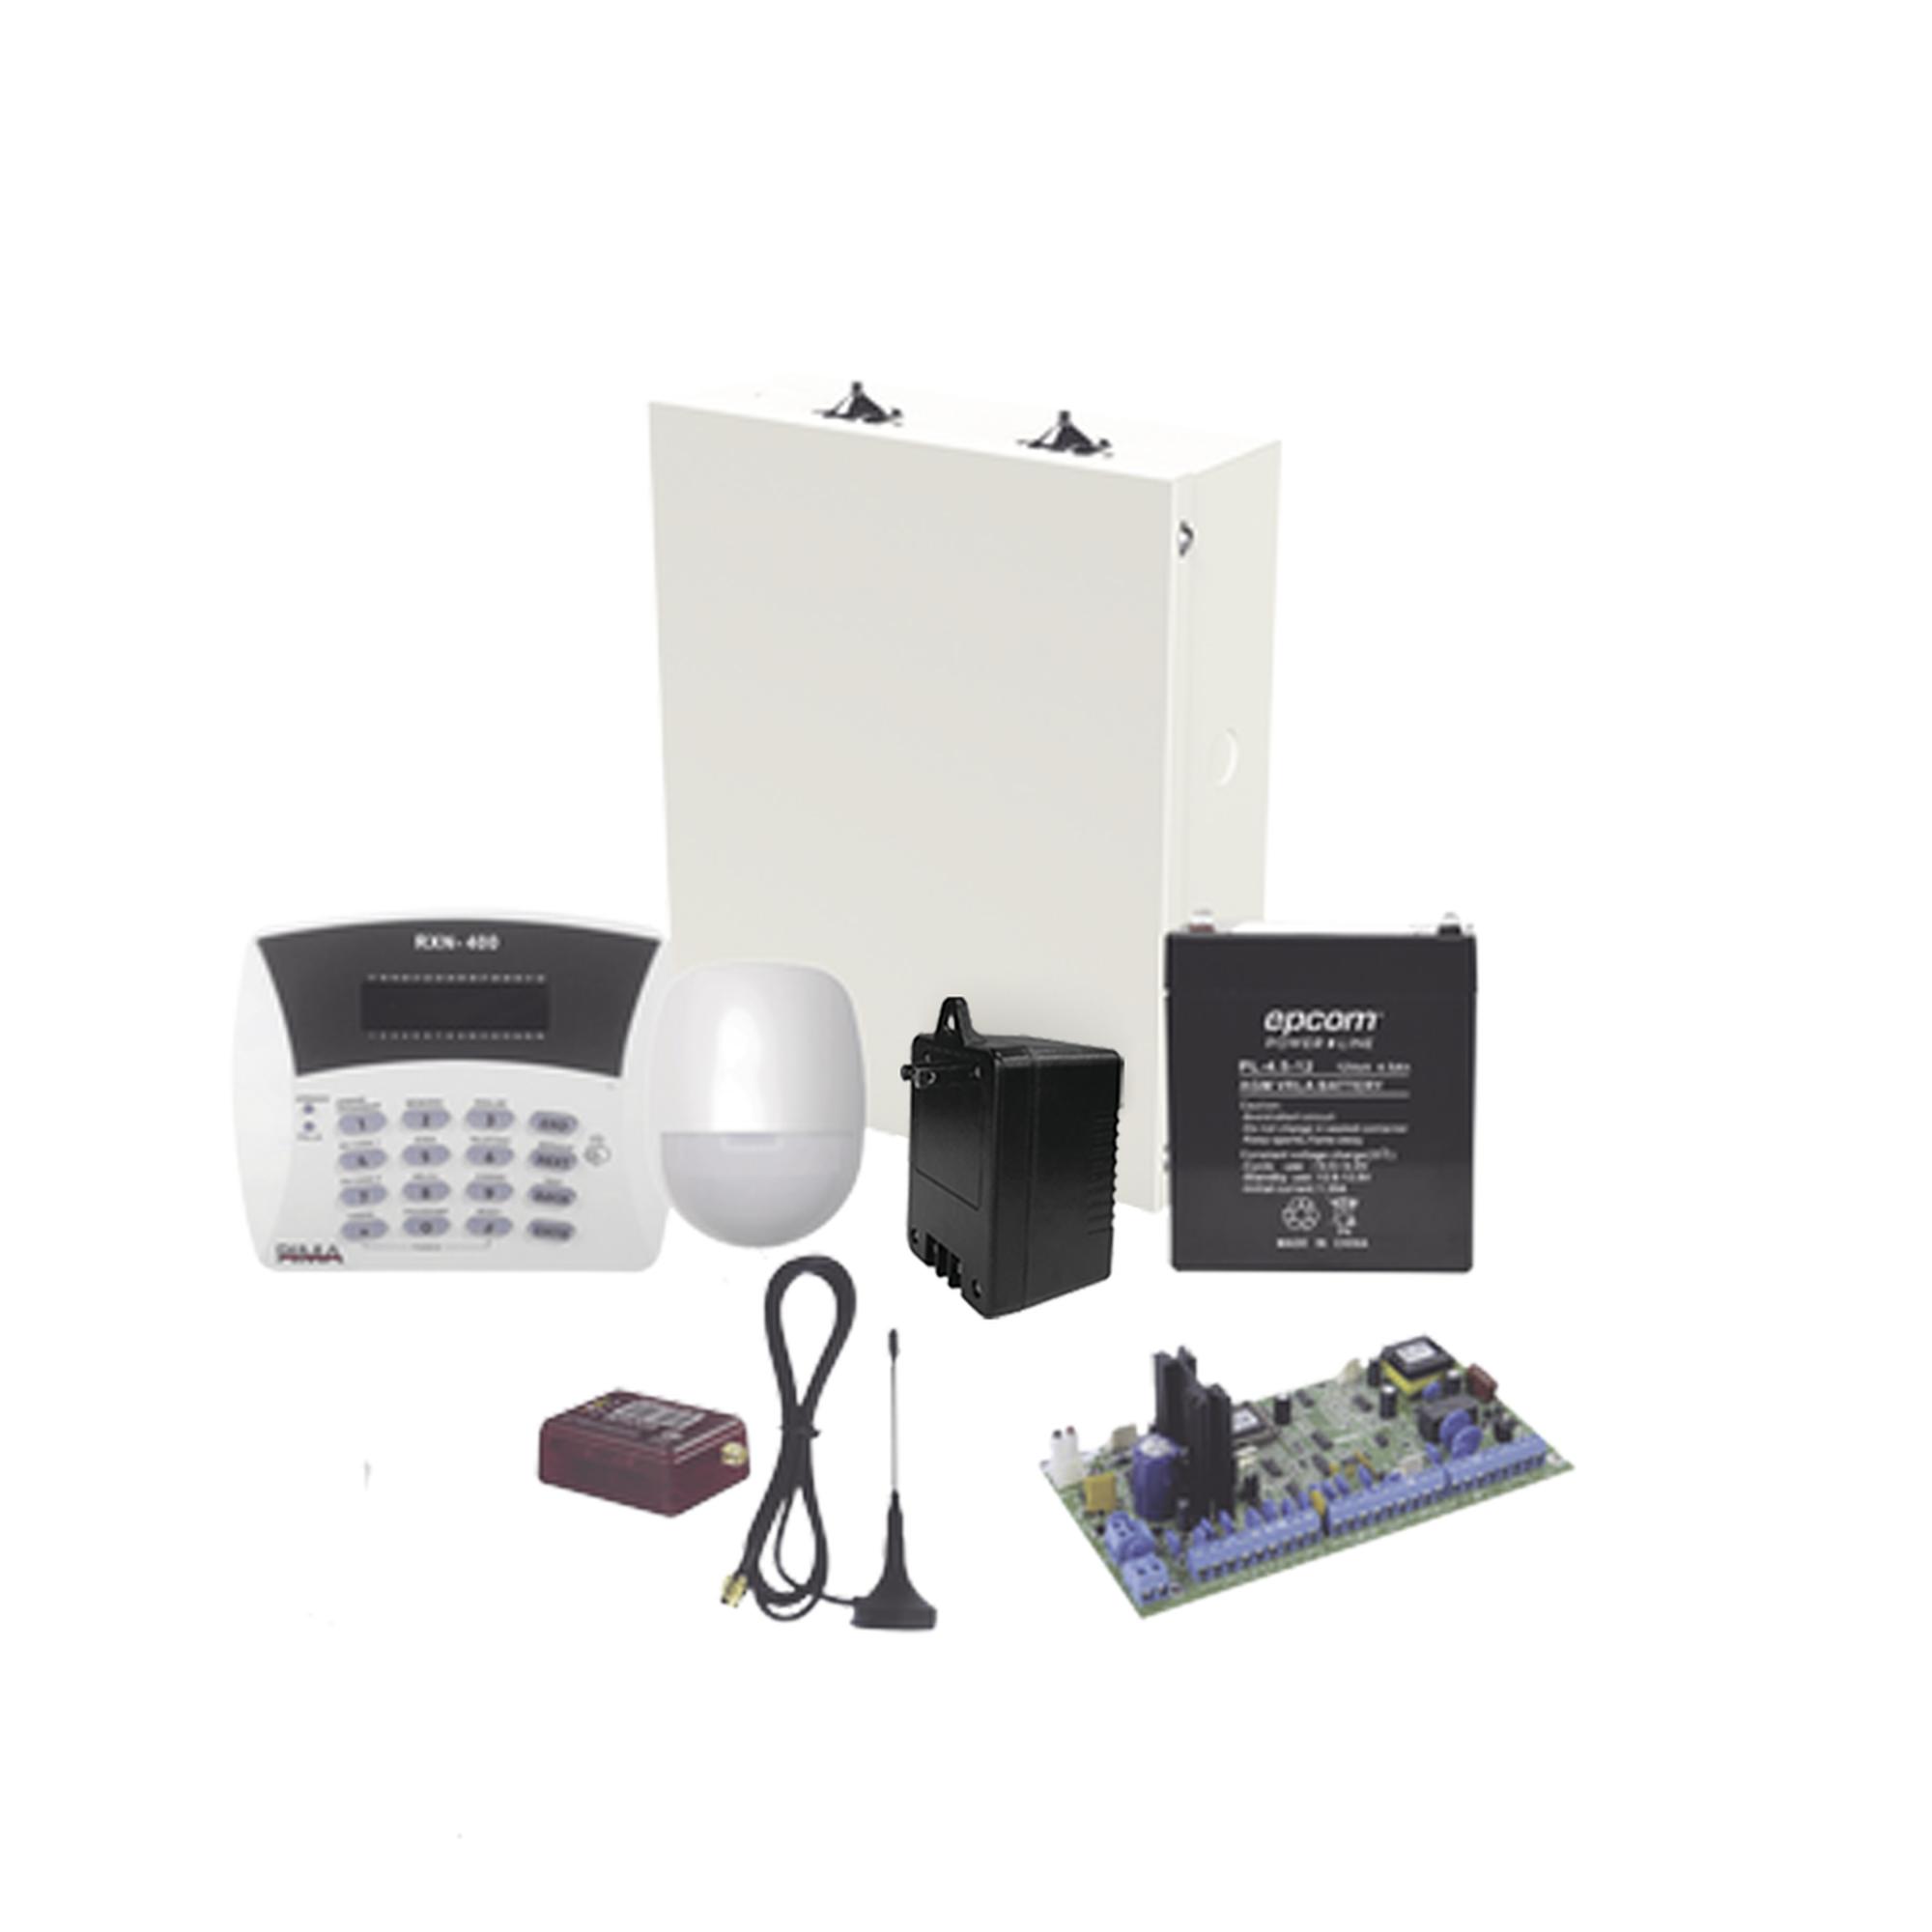 Kit de Alarma Hunter6 con Comunicador MN02LTEMV3, Teclado, Gabinete, Batería y Transformador.